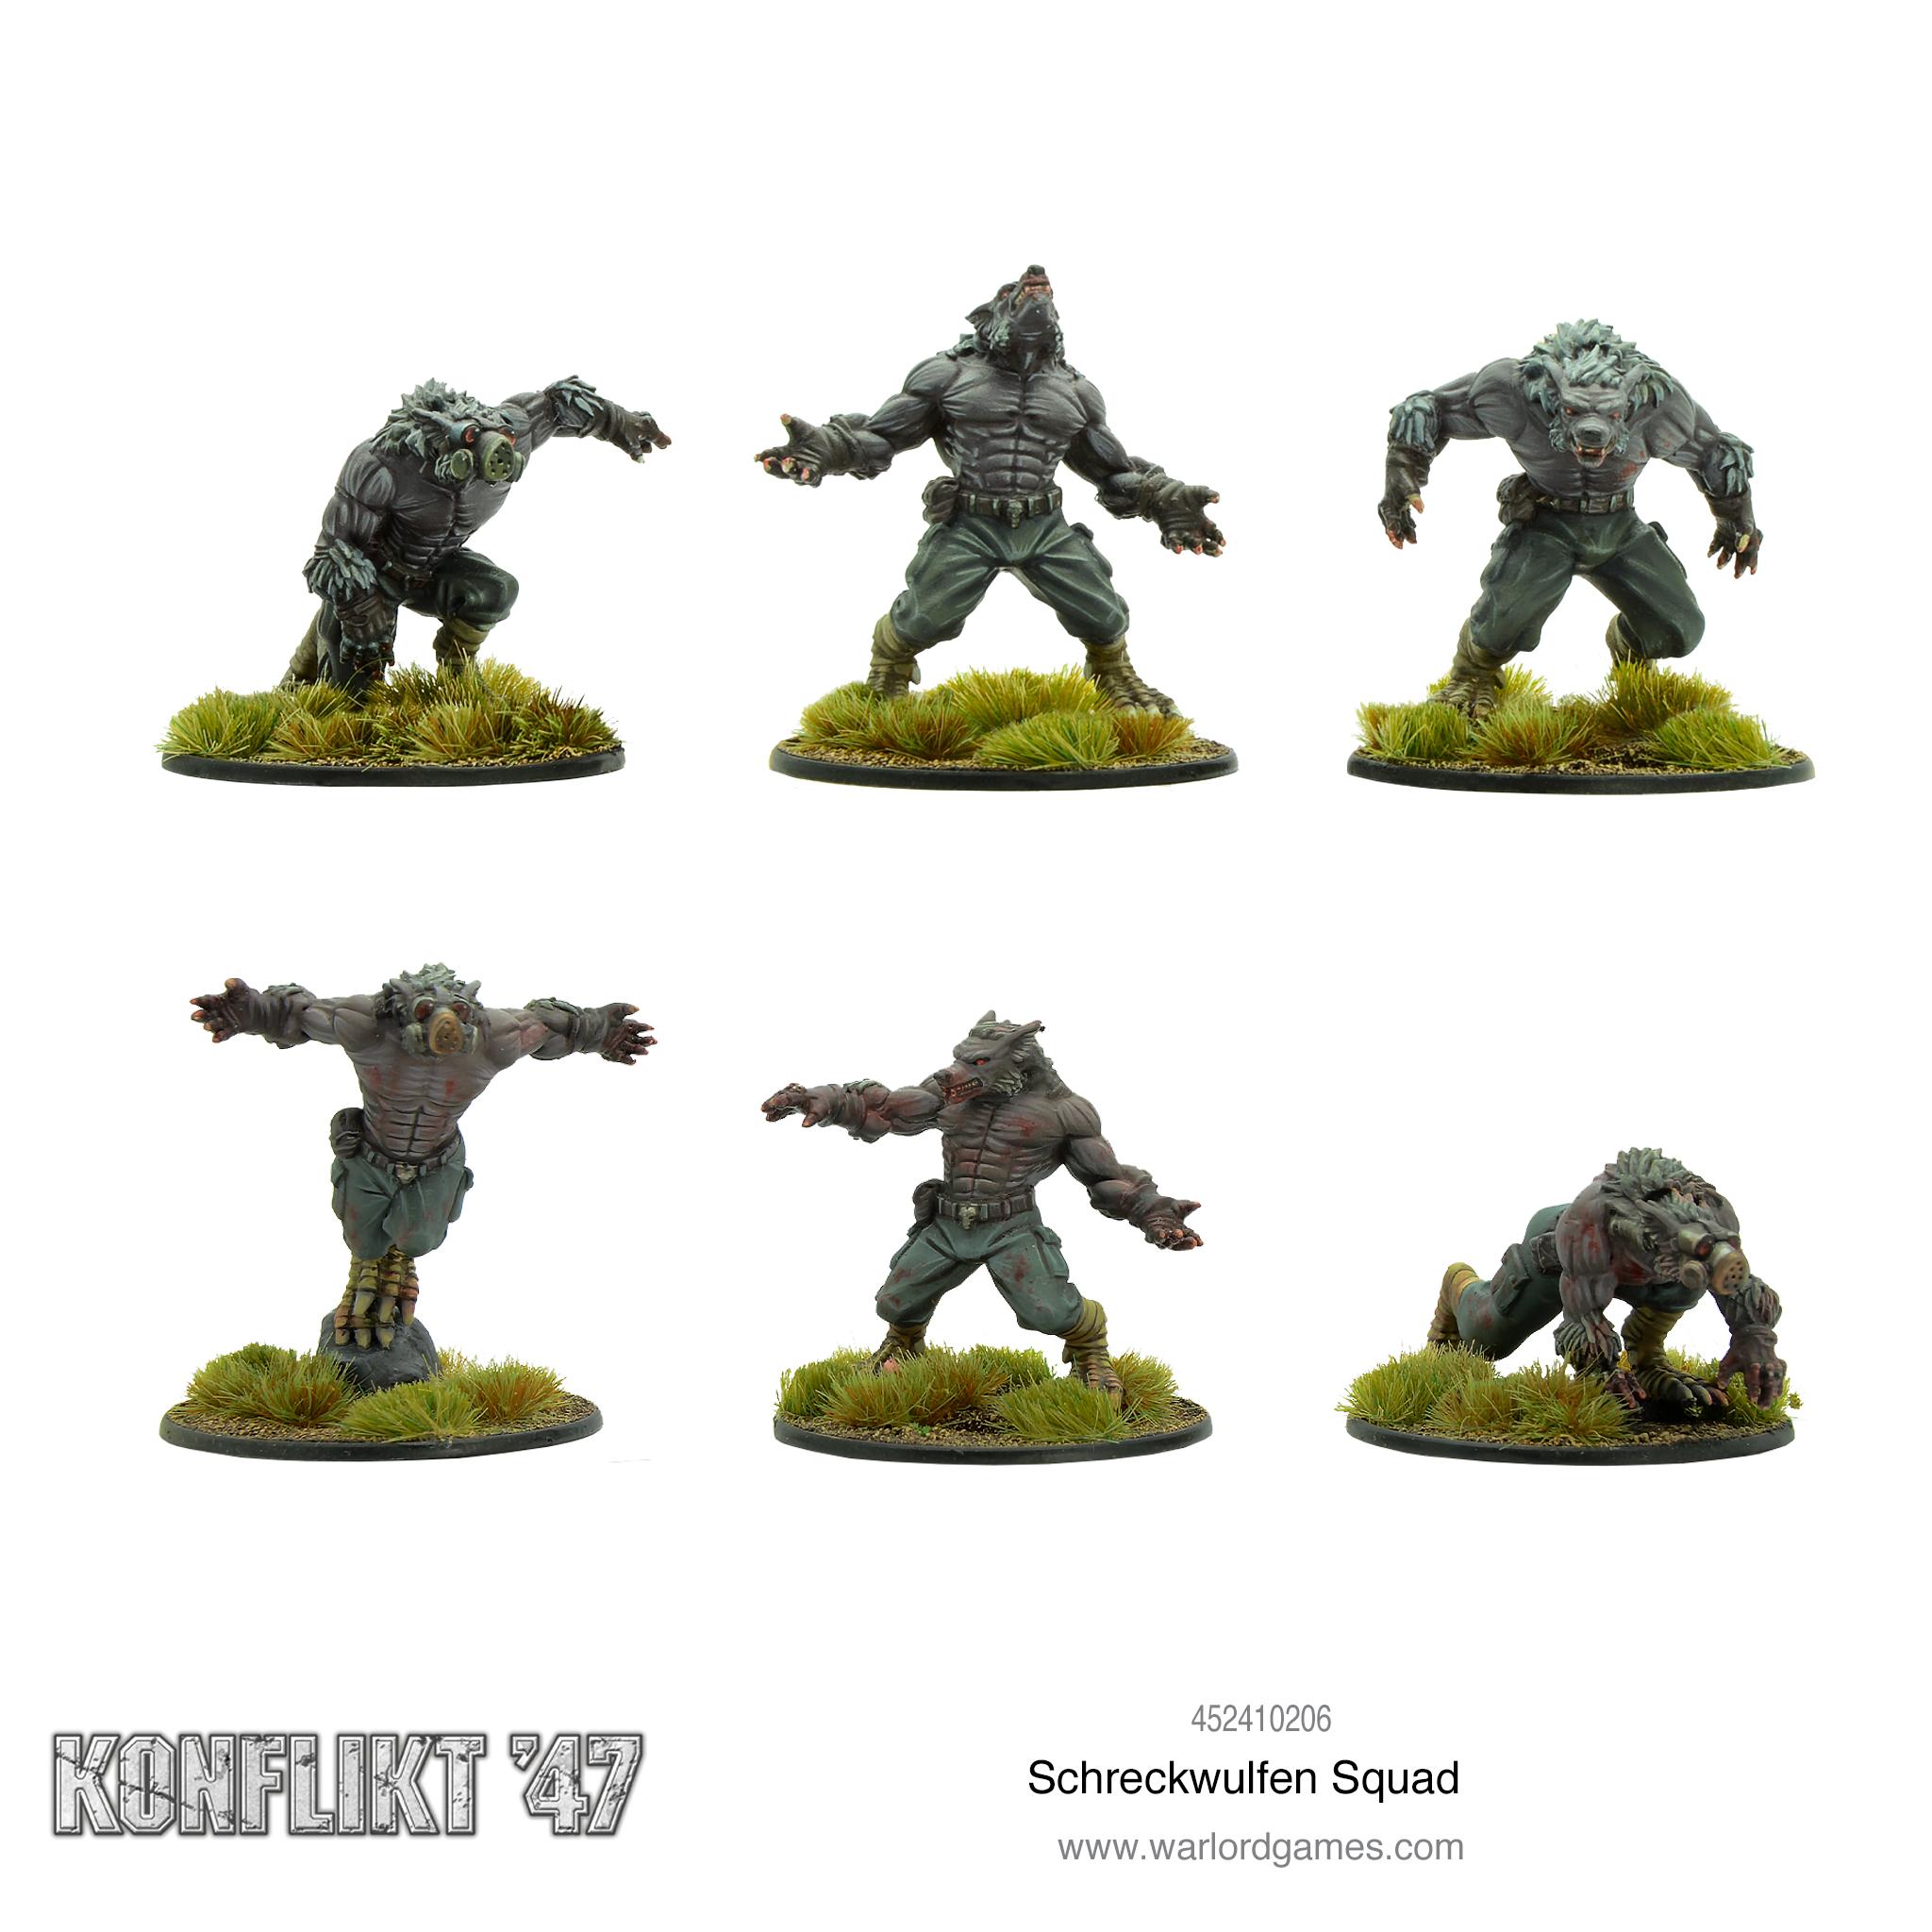 Konflikt 47 Schreckwulfen Squad